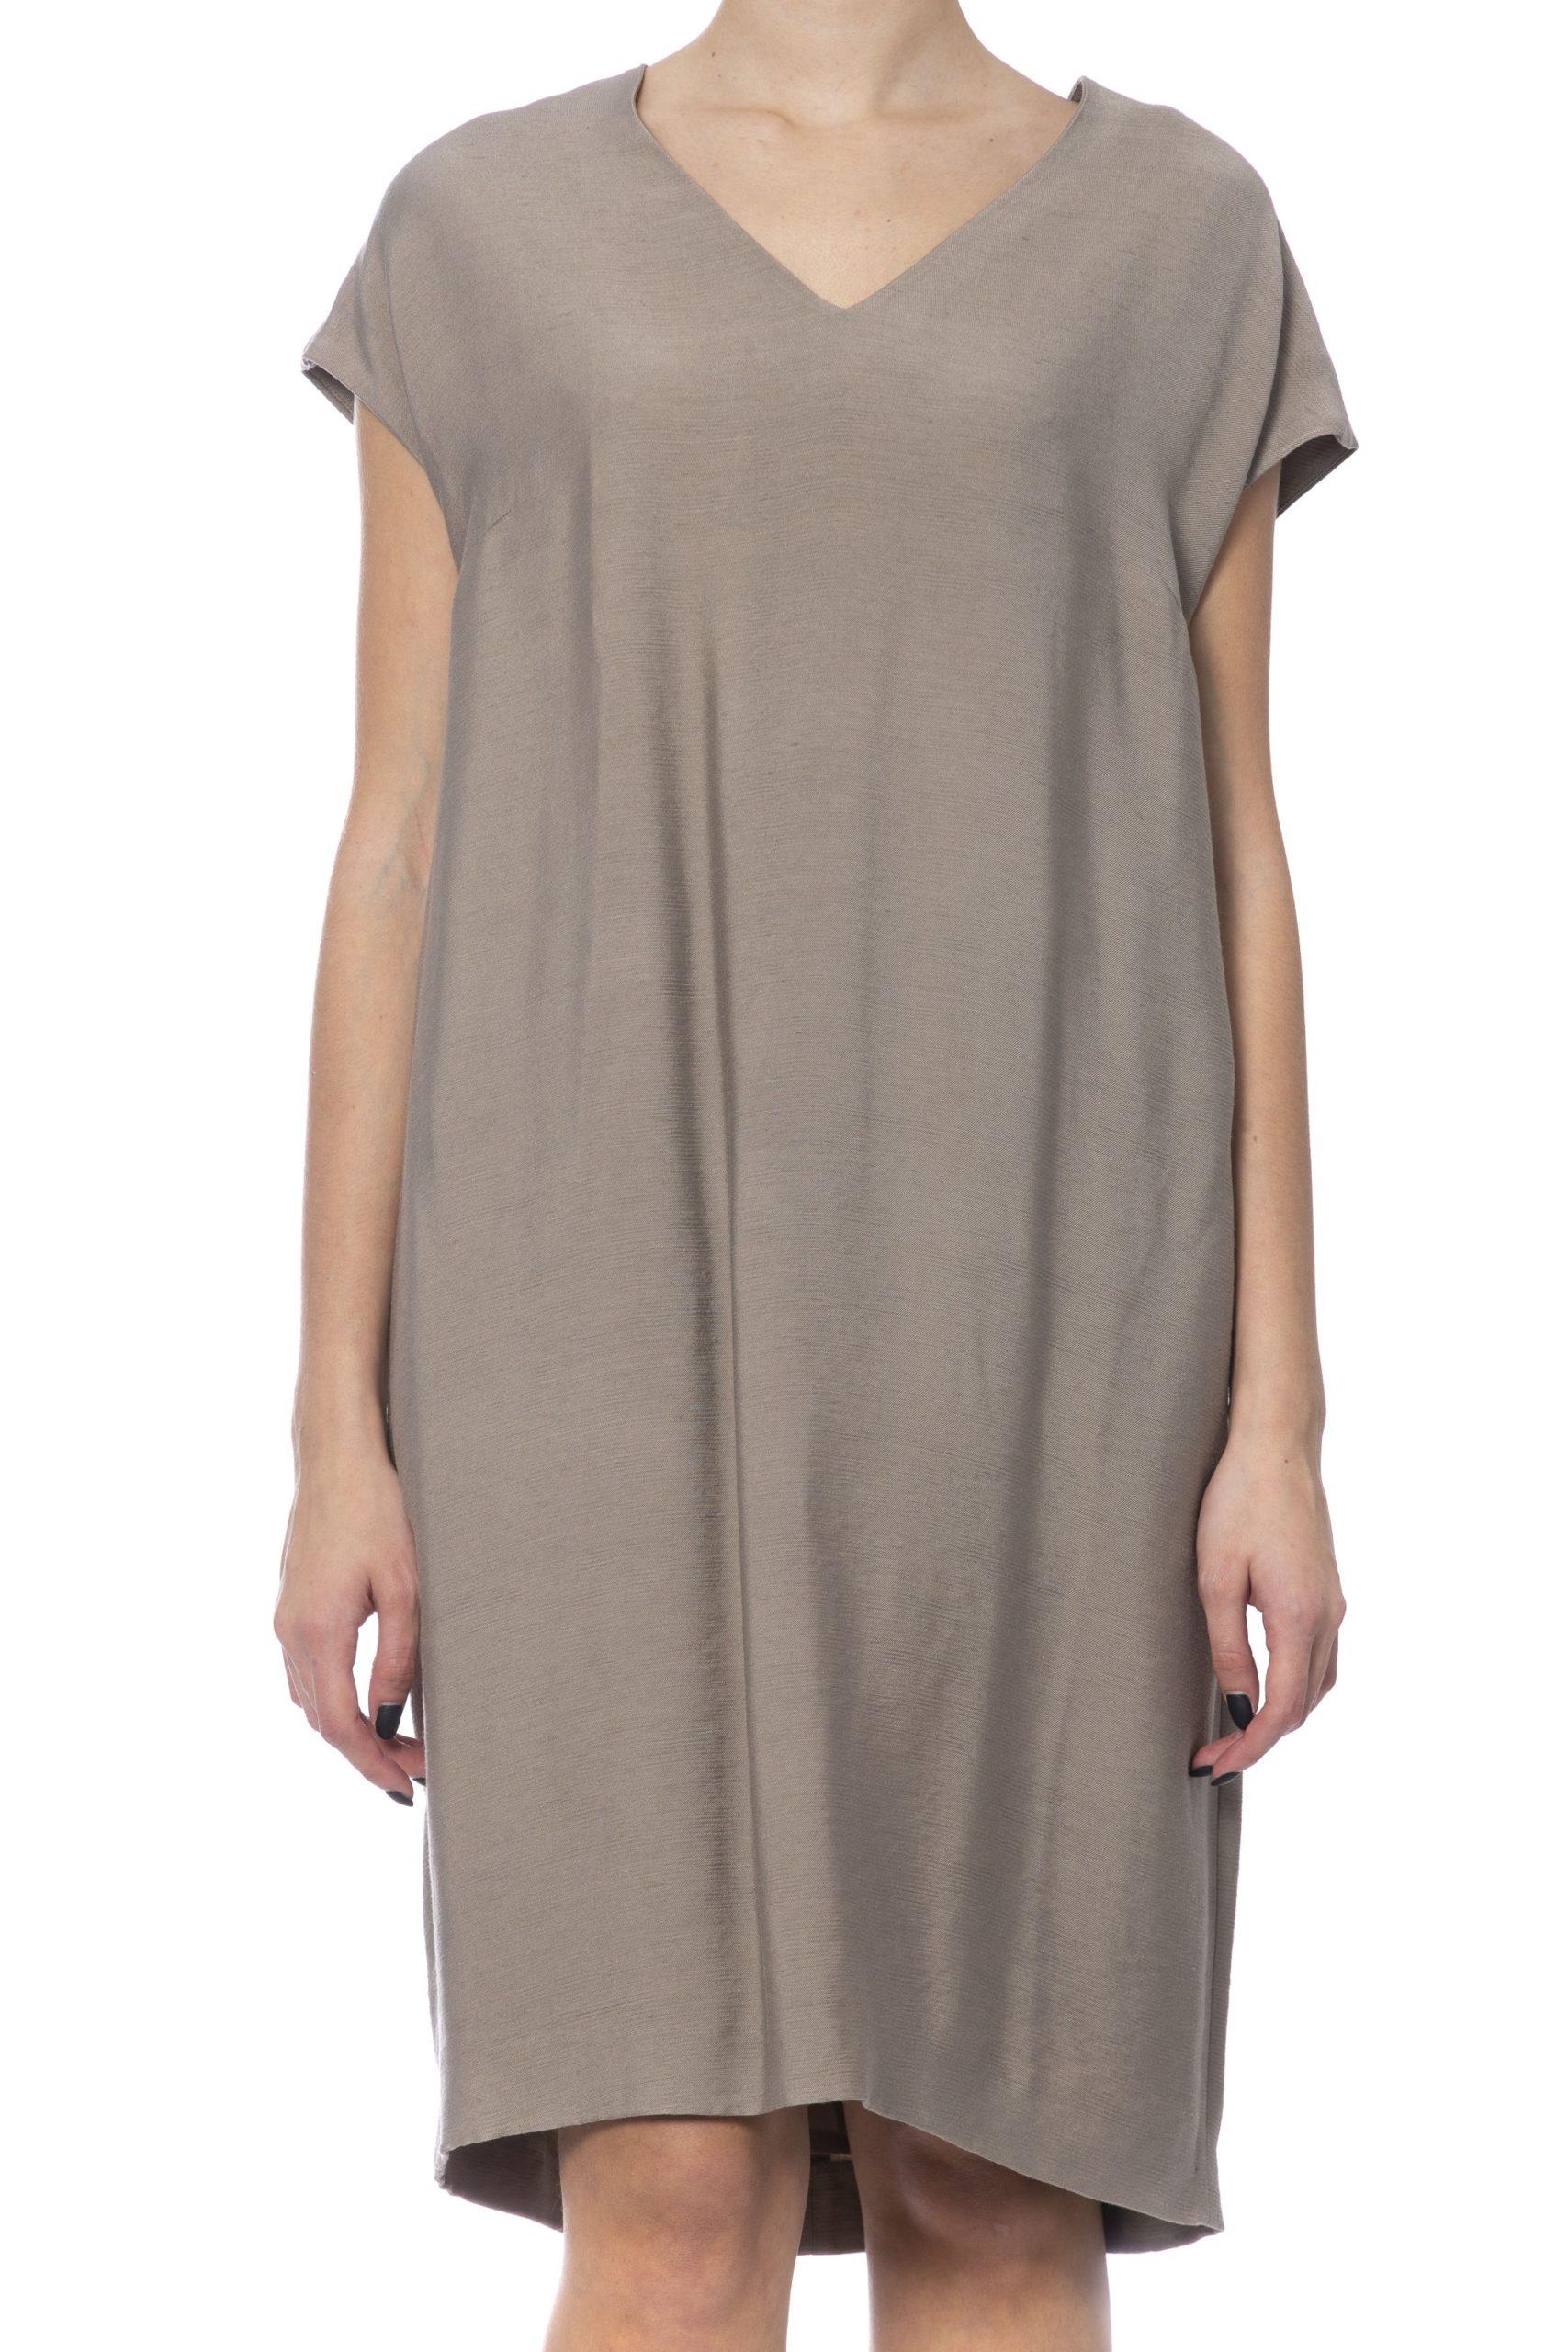 Peserico Women's Dress Beige PE993774 - IT42 | S